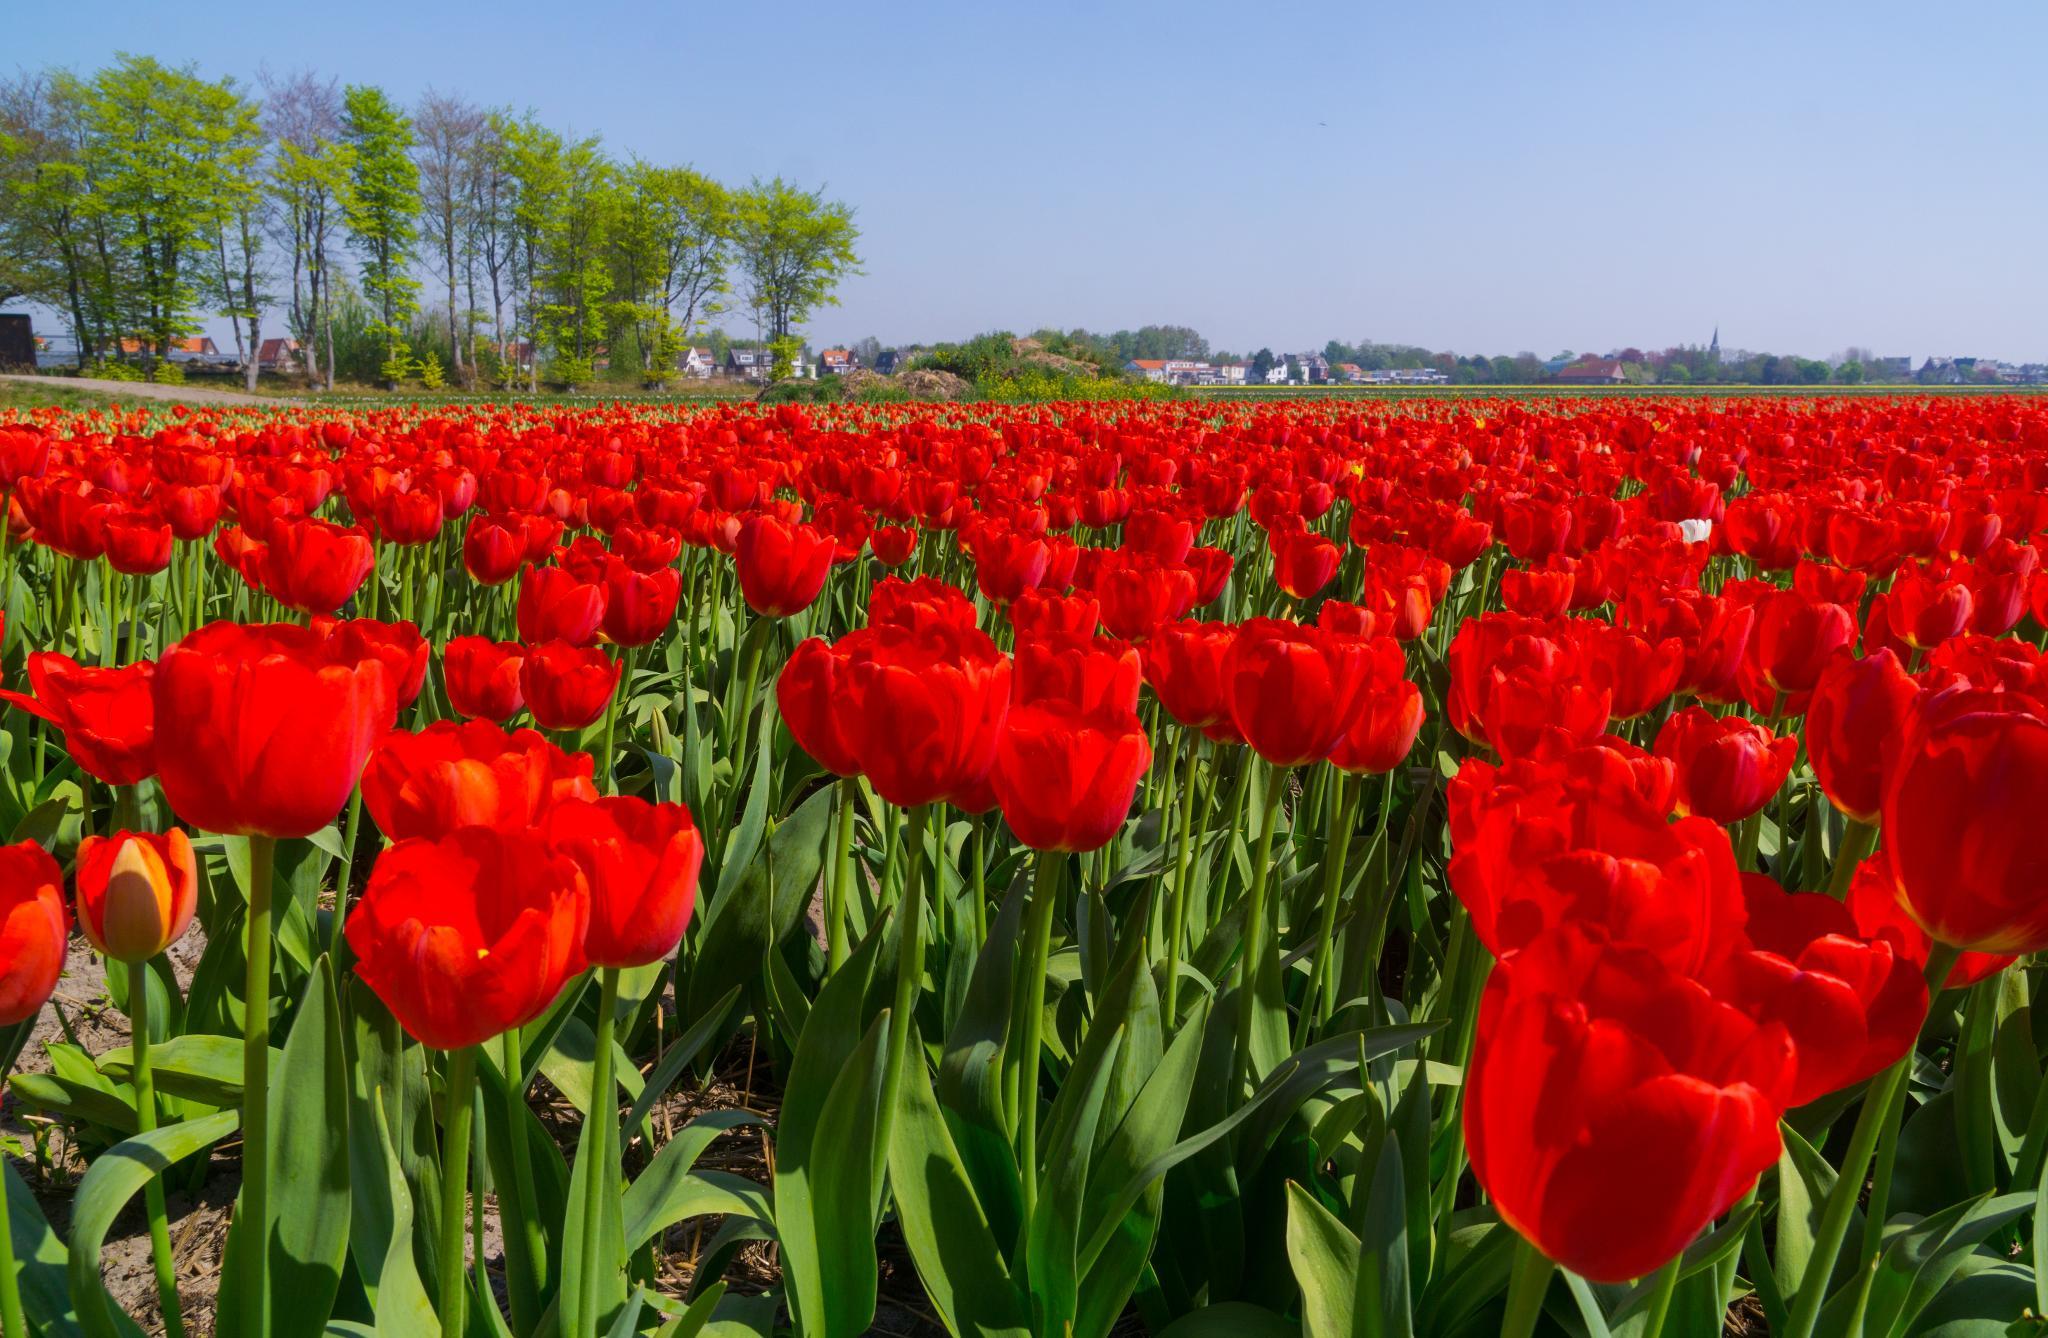 【荷蘭印象】花田嬉事:荷蘭單車花之路 25